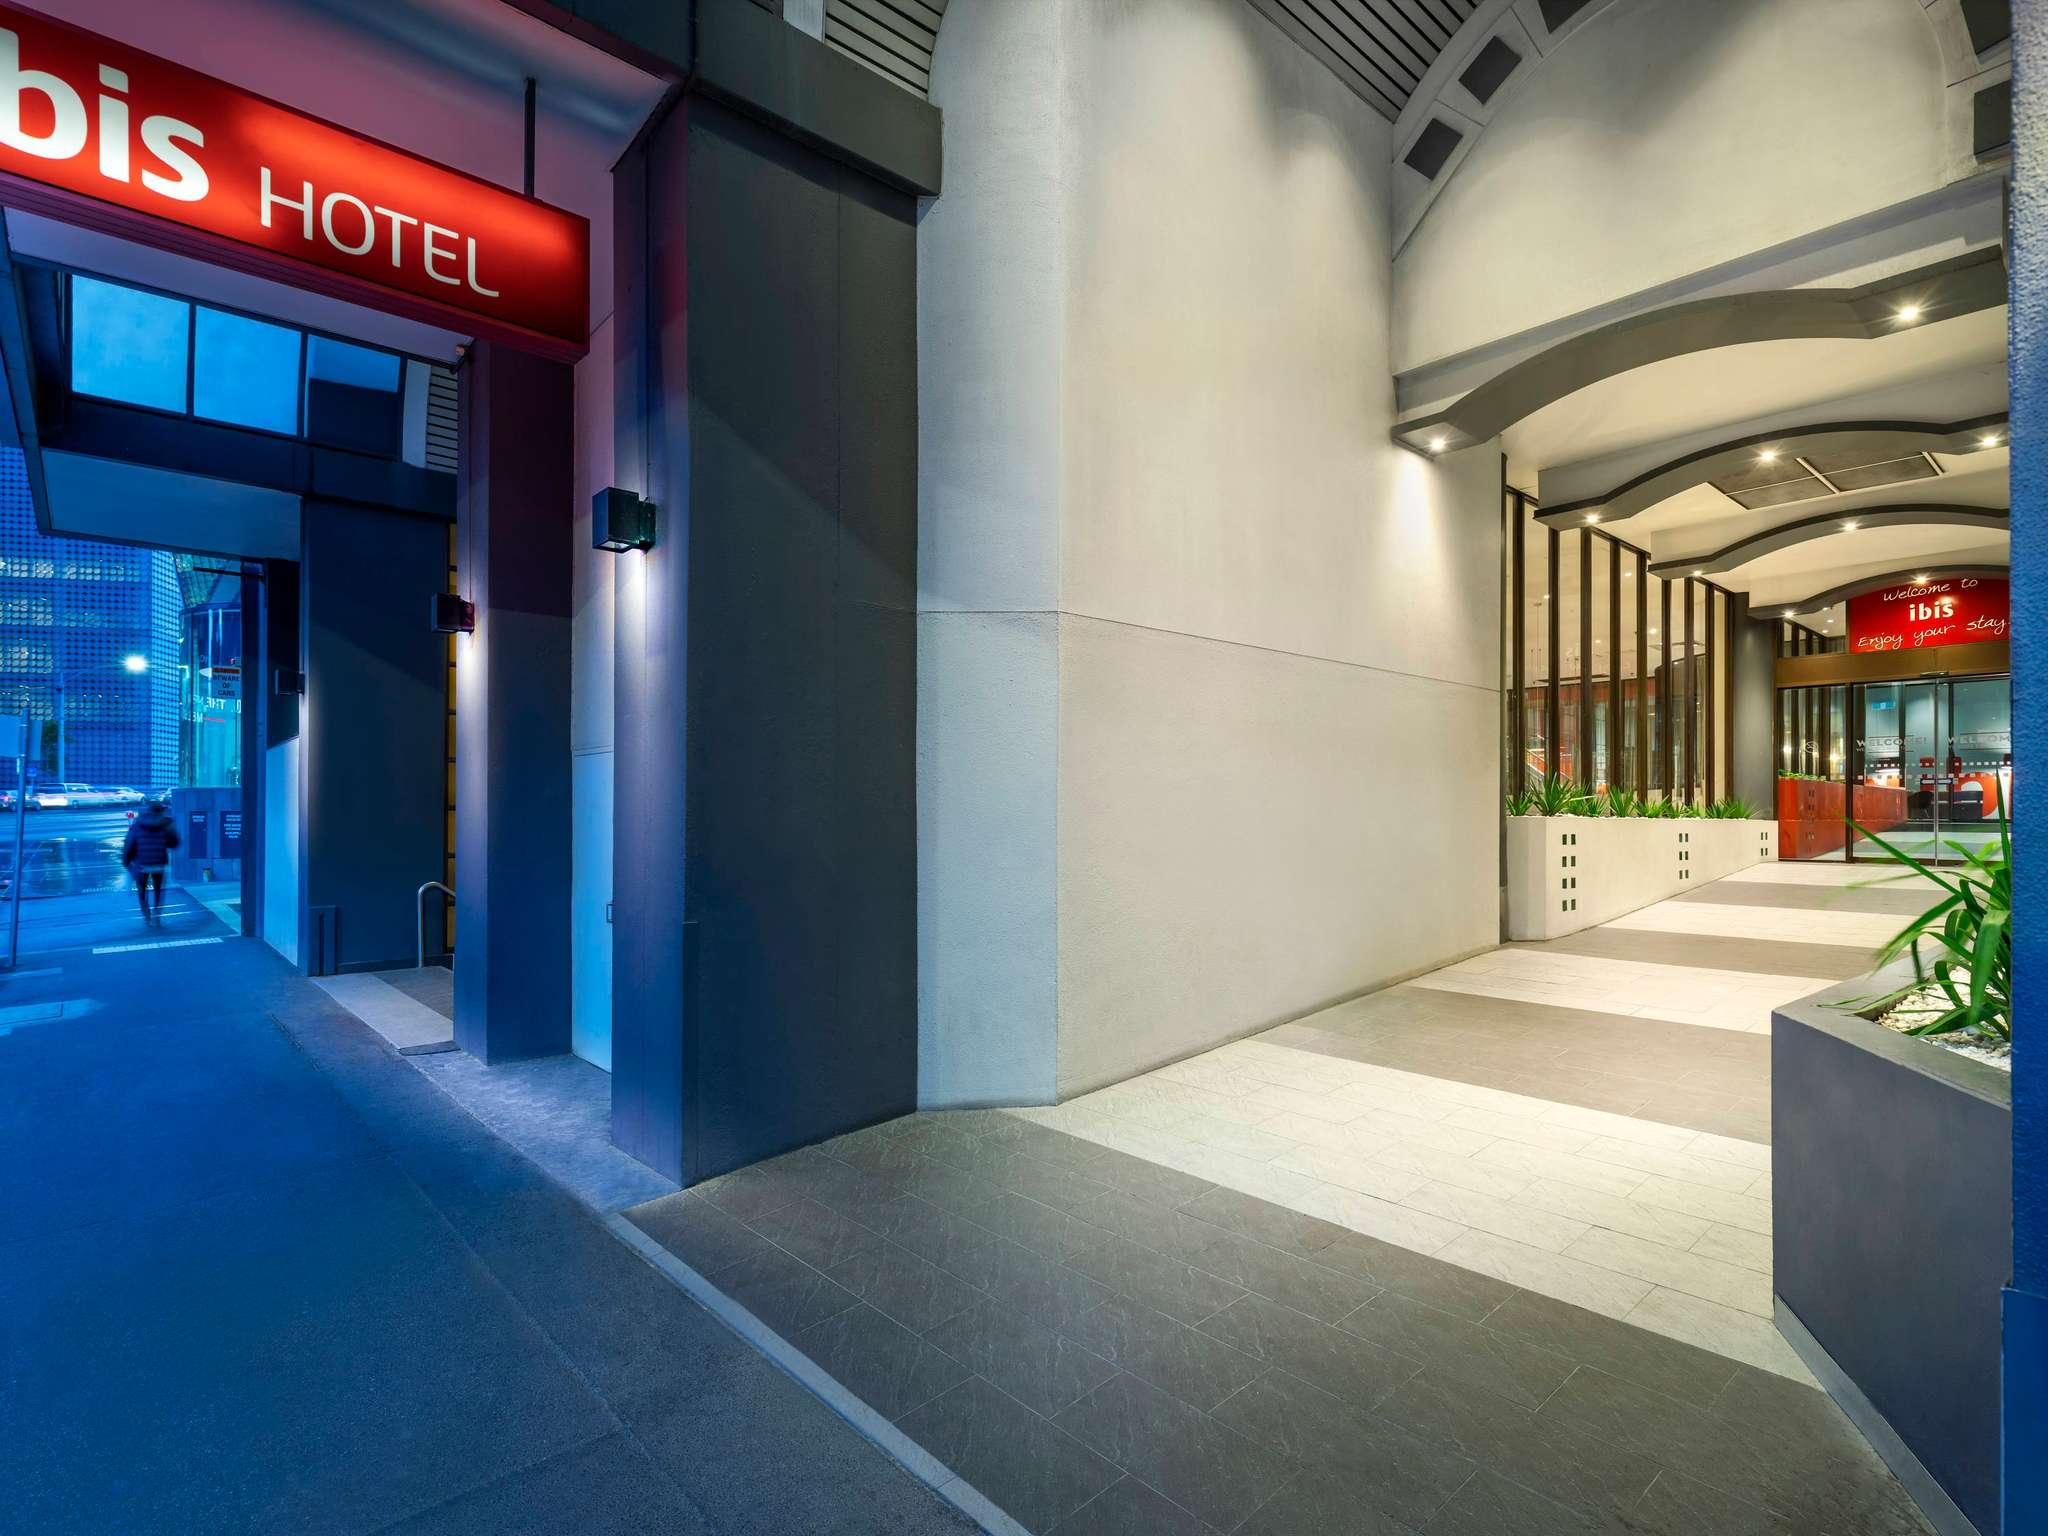 โรงแรม – โรงแรมไอบิส เมลเบิร์น แอนด์ อพาร์ทเมนต์